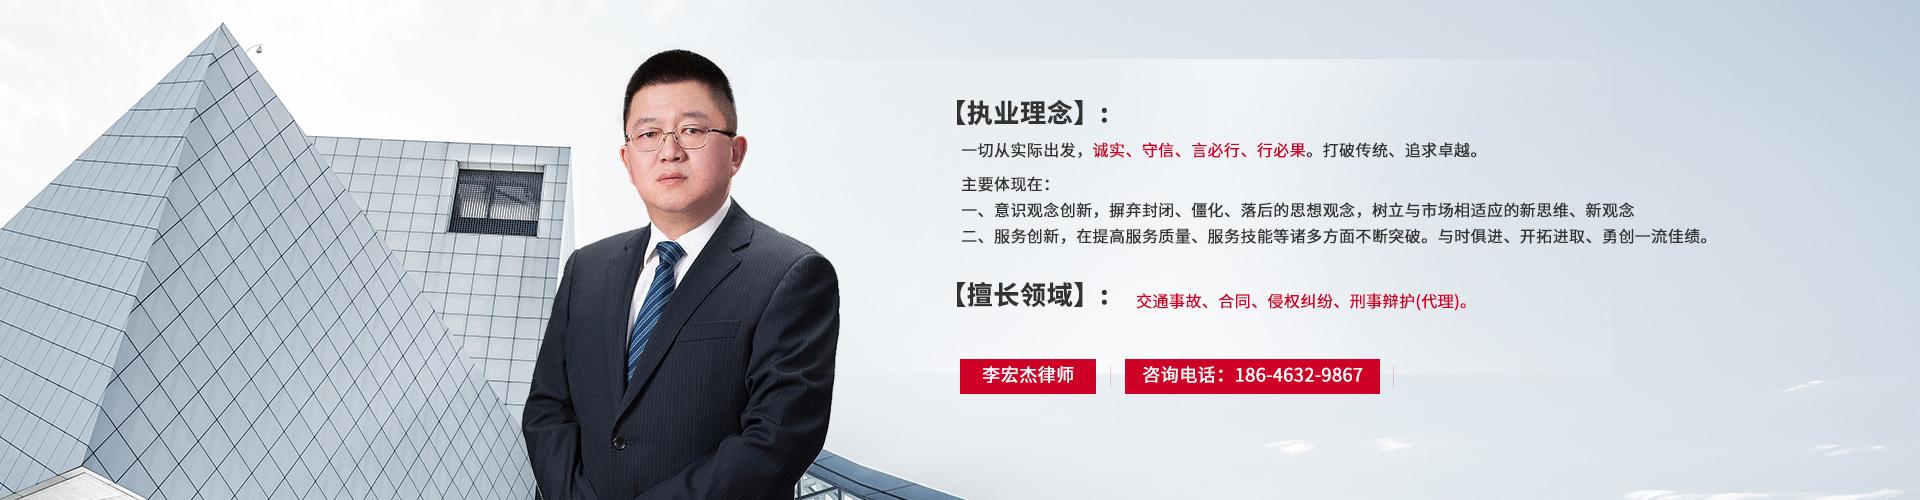 哈尔滨李宏杰律师